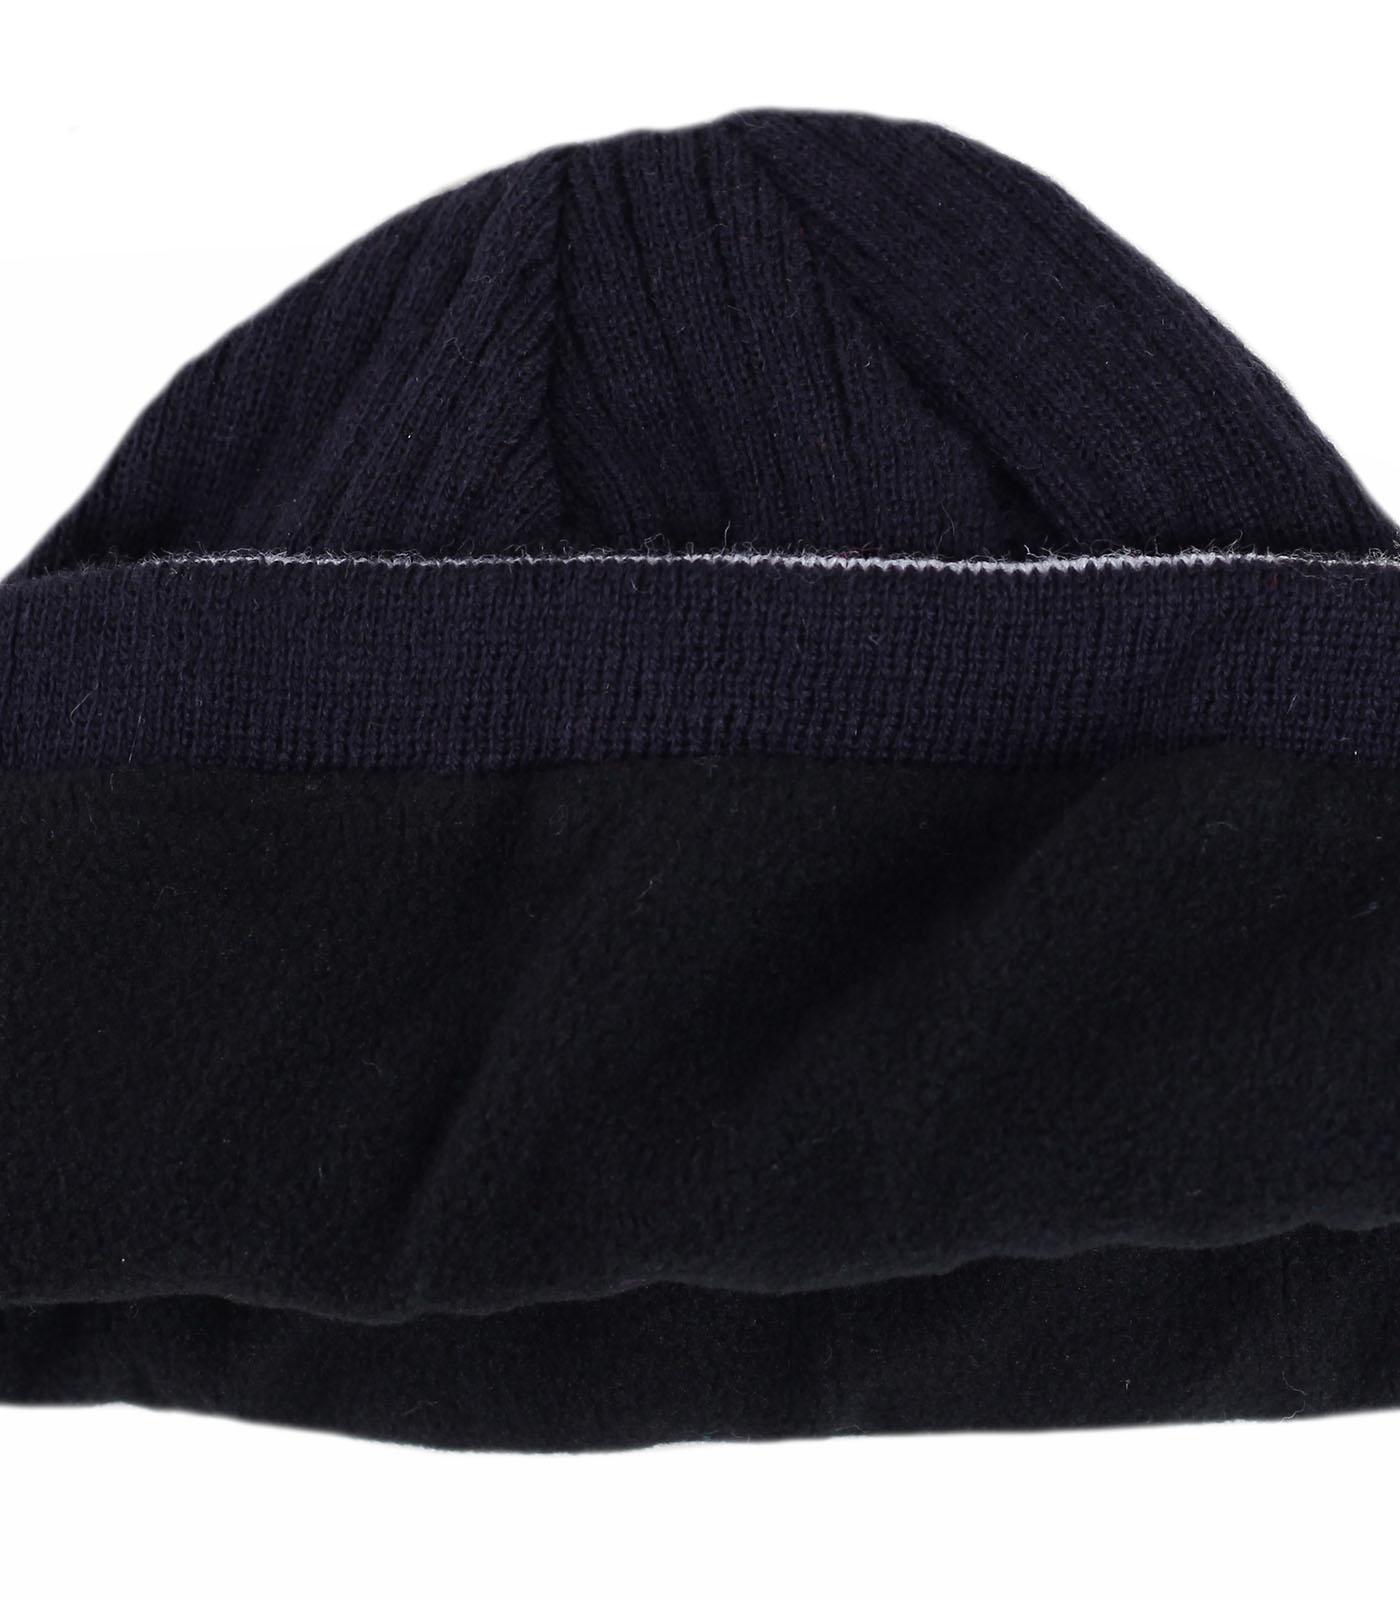 Заказать неприхотливую современную модель мужскую шапку утепленную флисом по привлекательной цене